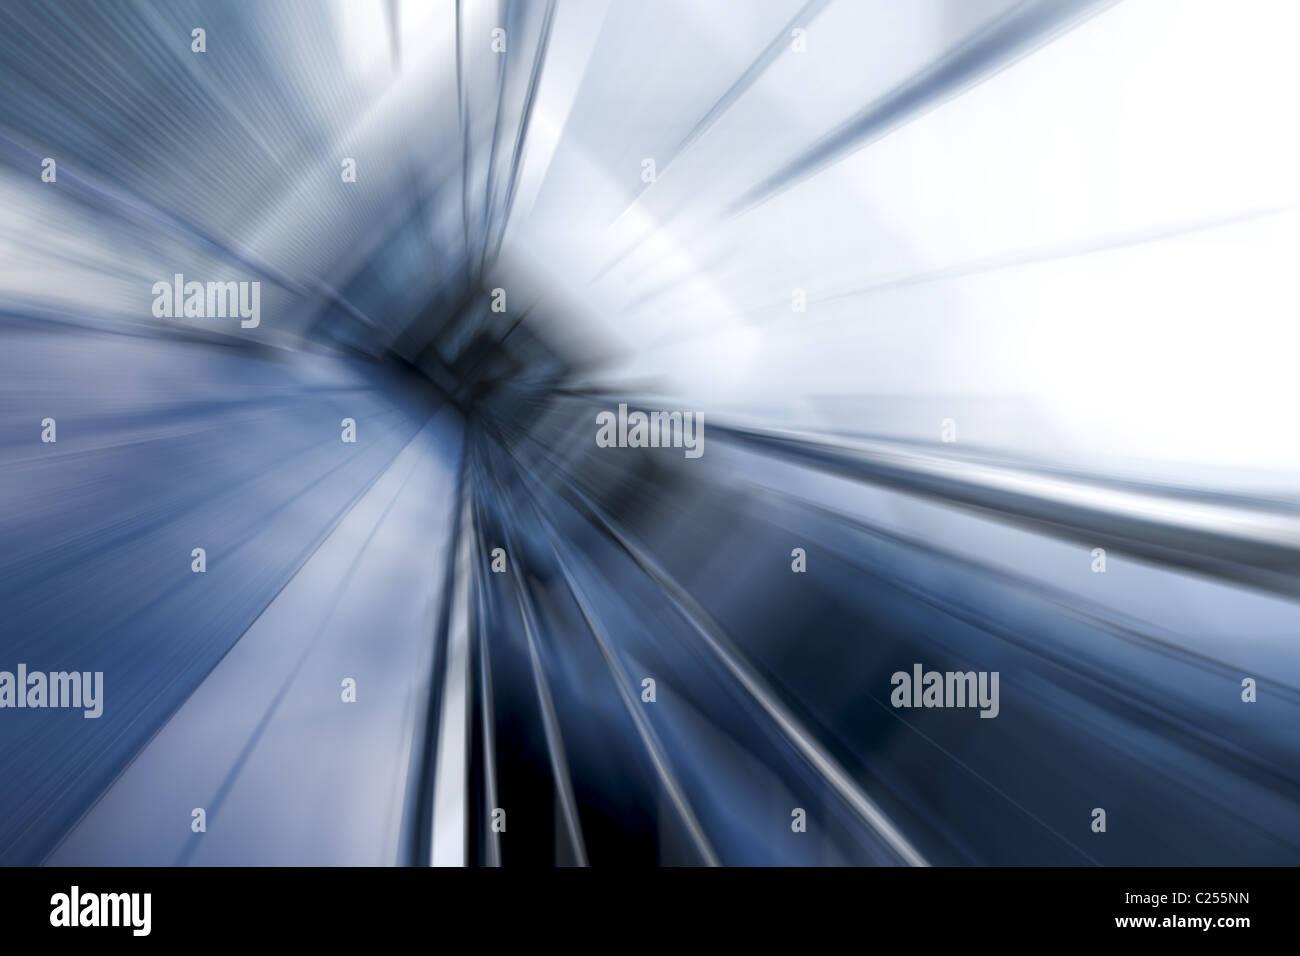 Blaustich Bewegungsunschärfe architektonische Abstraktion Stockbild